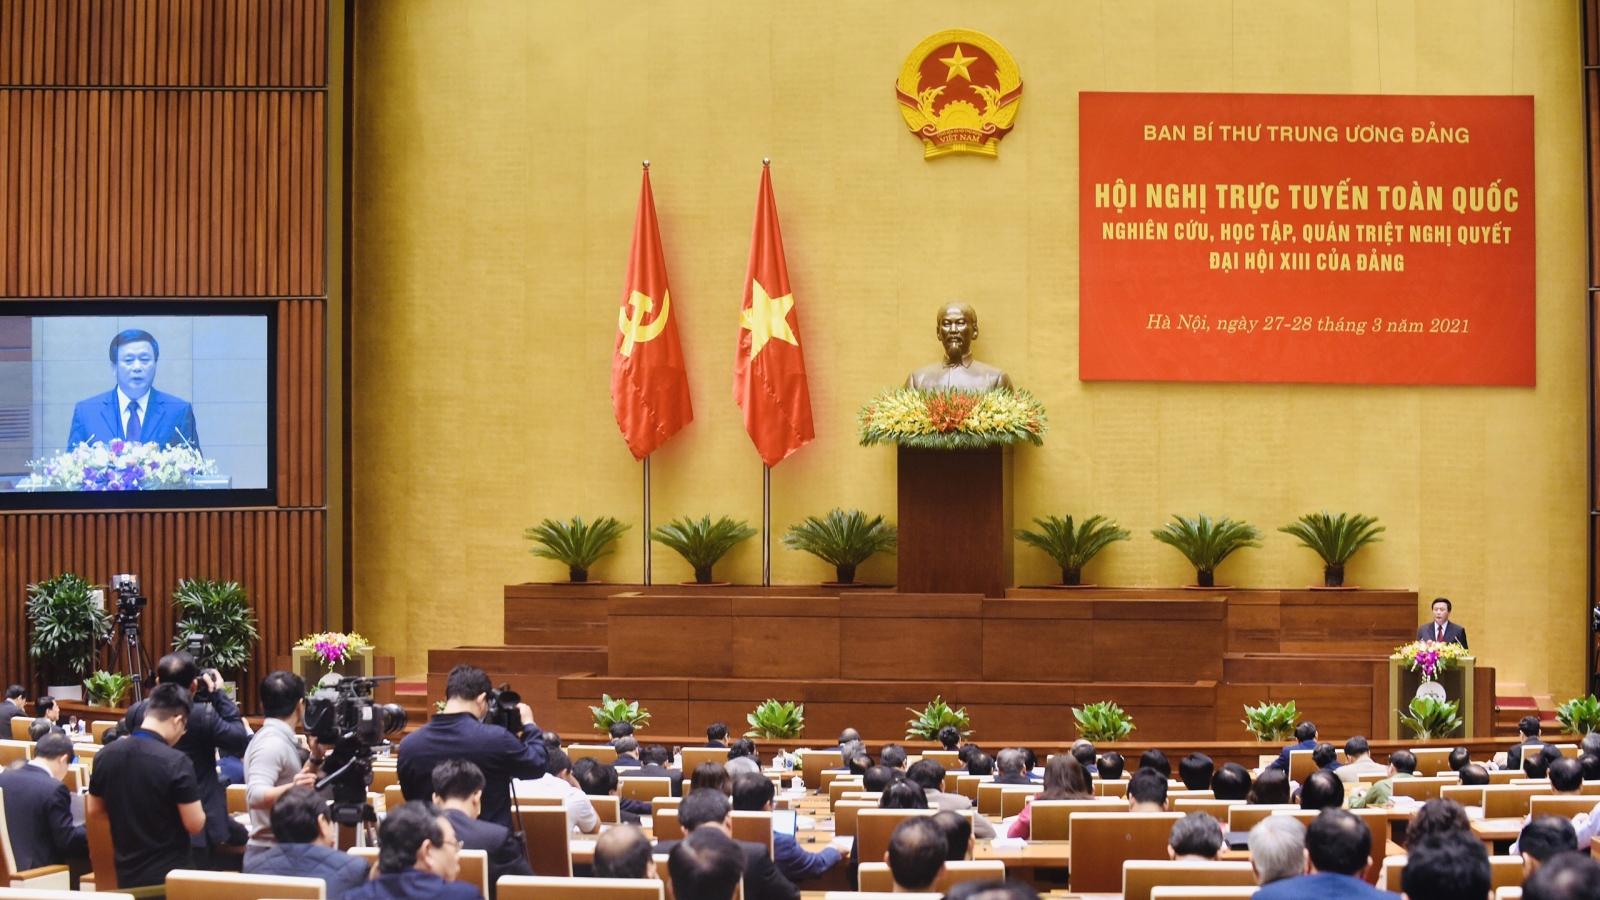 Hội nghị trực tuyến toàn quốc nghiên cứu, học tập, quán triệt Nghị quyết Đại hội XIII